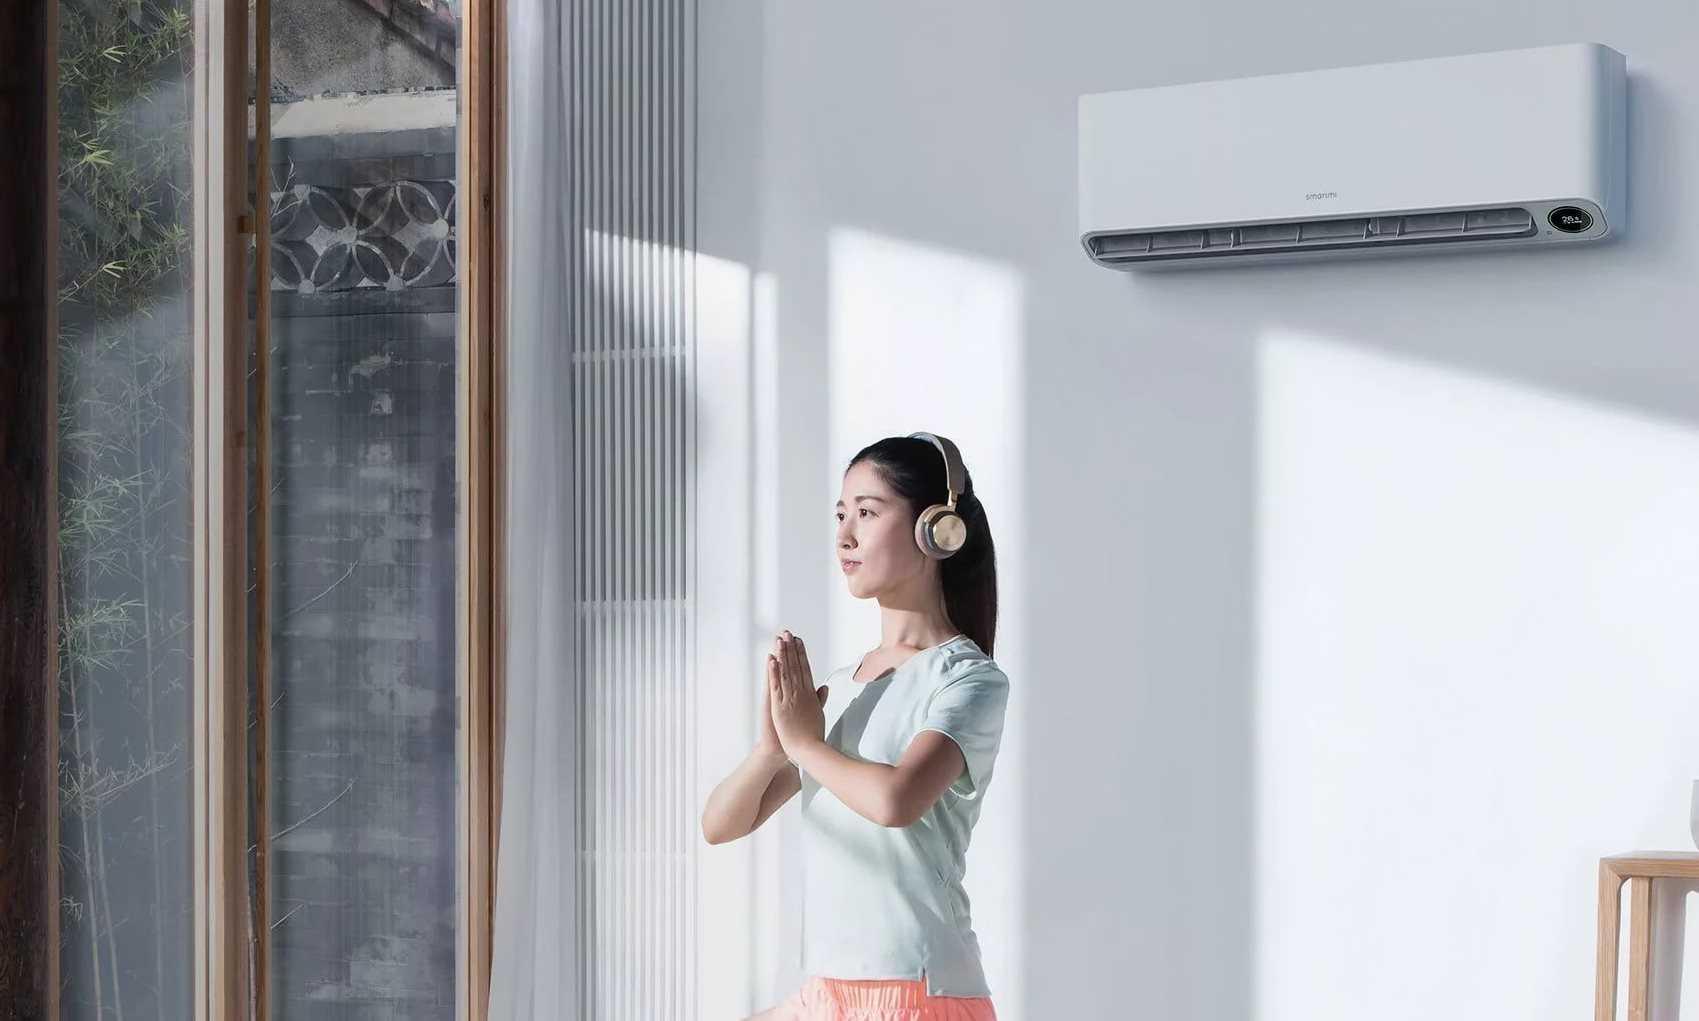 Оцените полезную статью по достоинству Вы узнаете все нюансы покупки надежного качественного кондиционера для домашнего применения